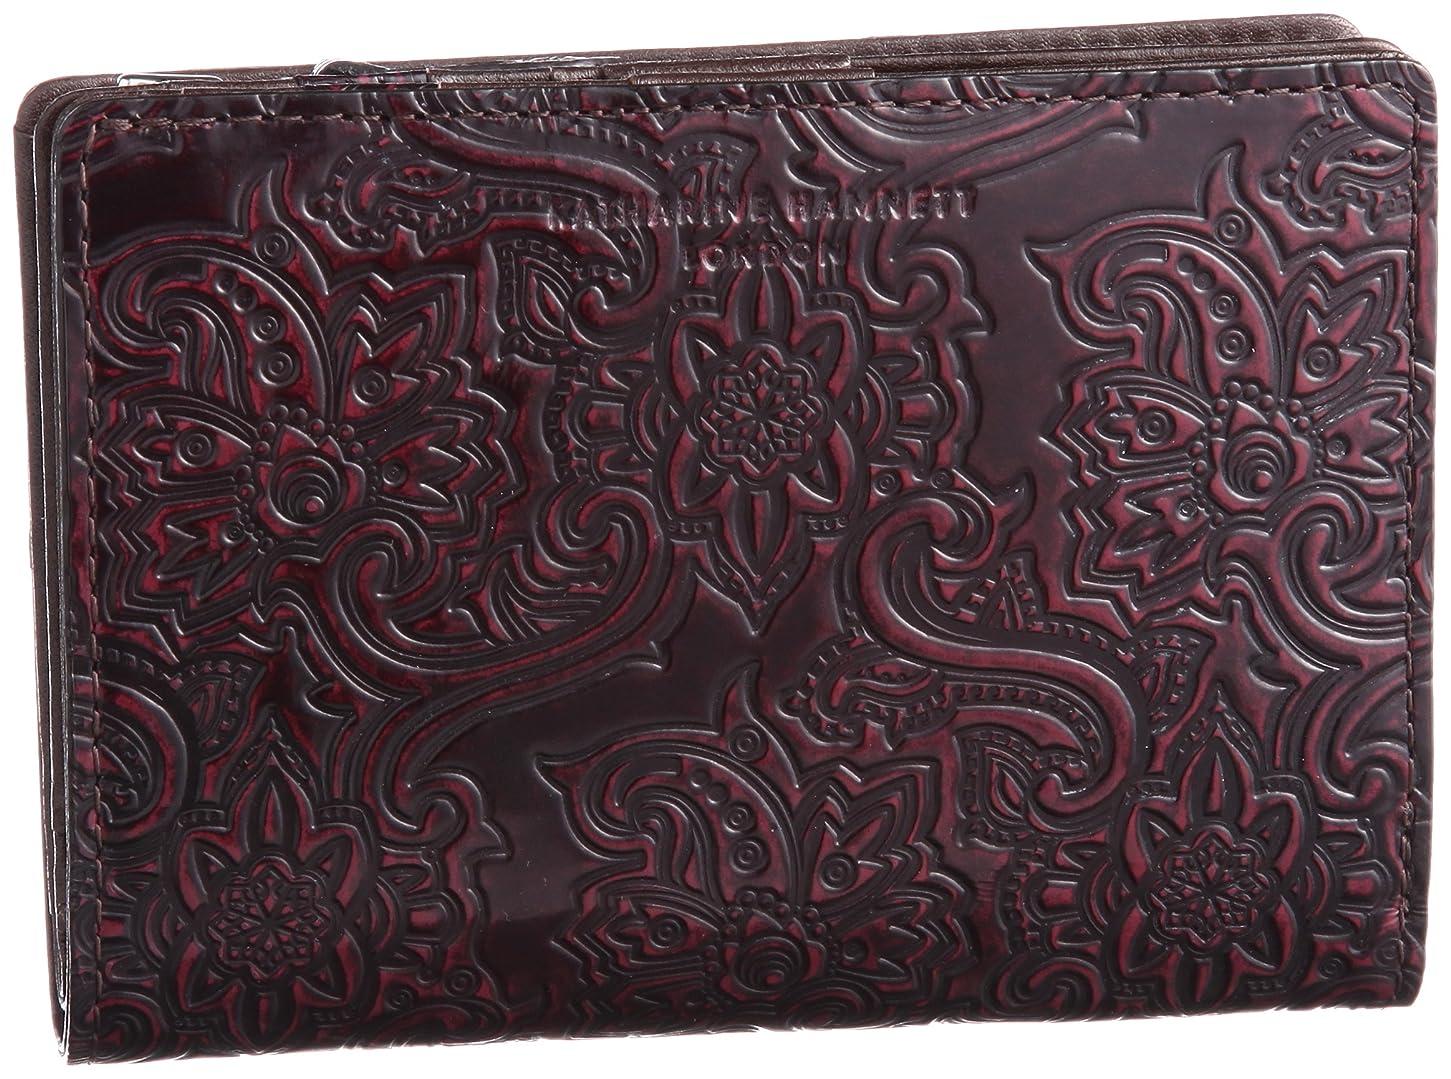 ディスコティーンエイジャー企業[キャサリンハムネットロンドン] KATHARINE HAMNETT LONDON 財布 ペイズリー柄レザー Lファスナーミドルサイズ二つ折り財布